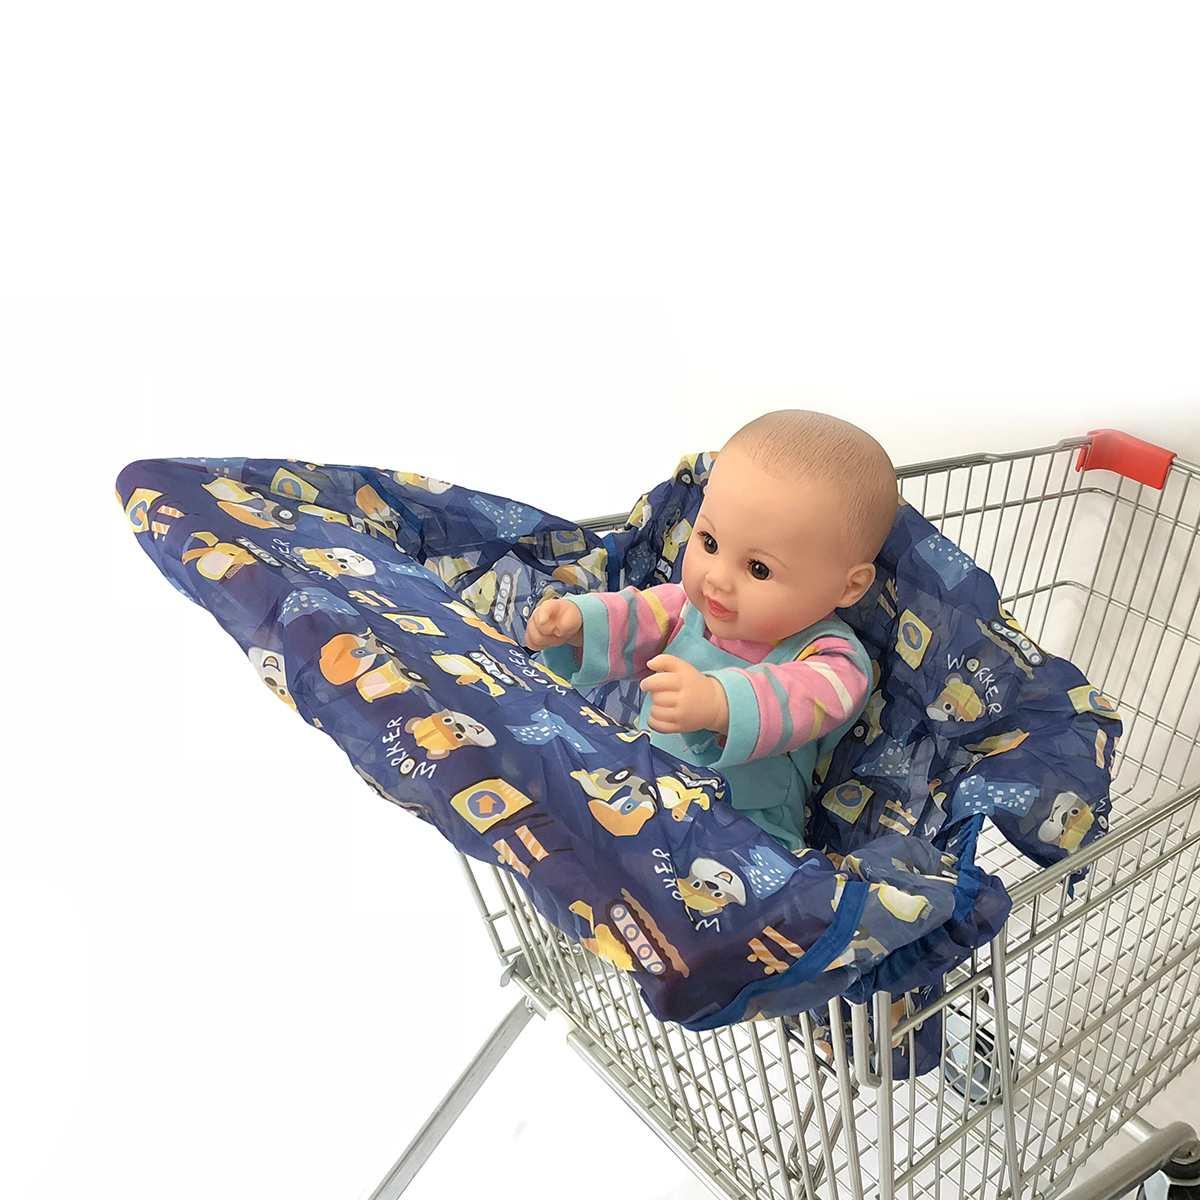 QCWN cubierta de asiento de coche para beb/é insectos y polvo se adapta mejor a los asientos est/ándar de reci/én nacidos toldo de algod/ón transpirable para proteger a los ni/ños del sol